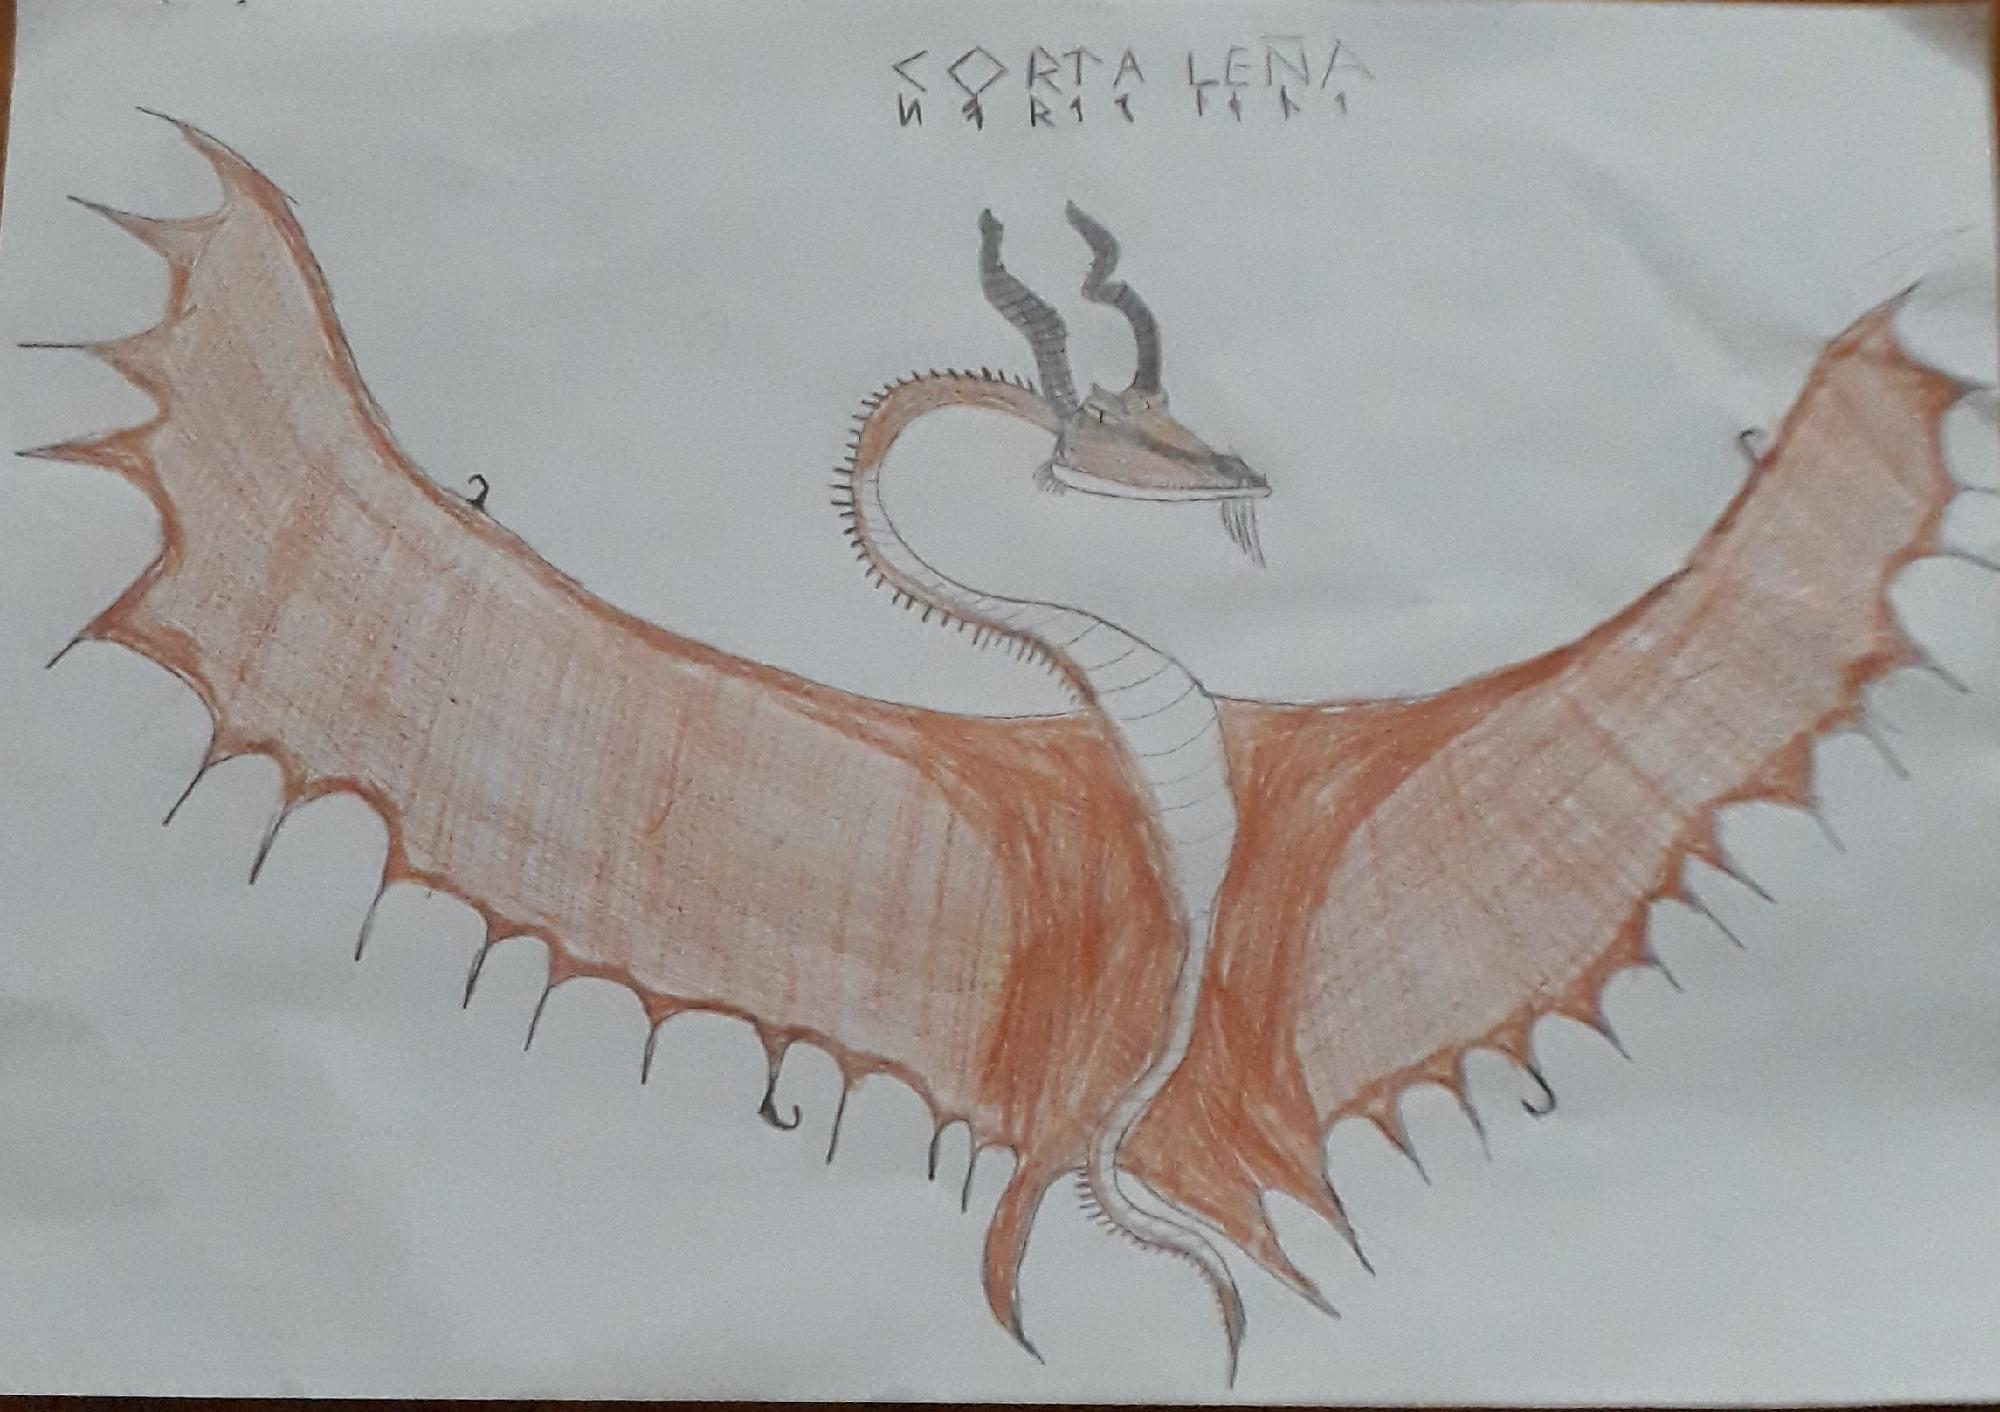 Dragon #2 (corta leña)